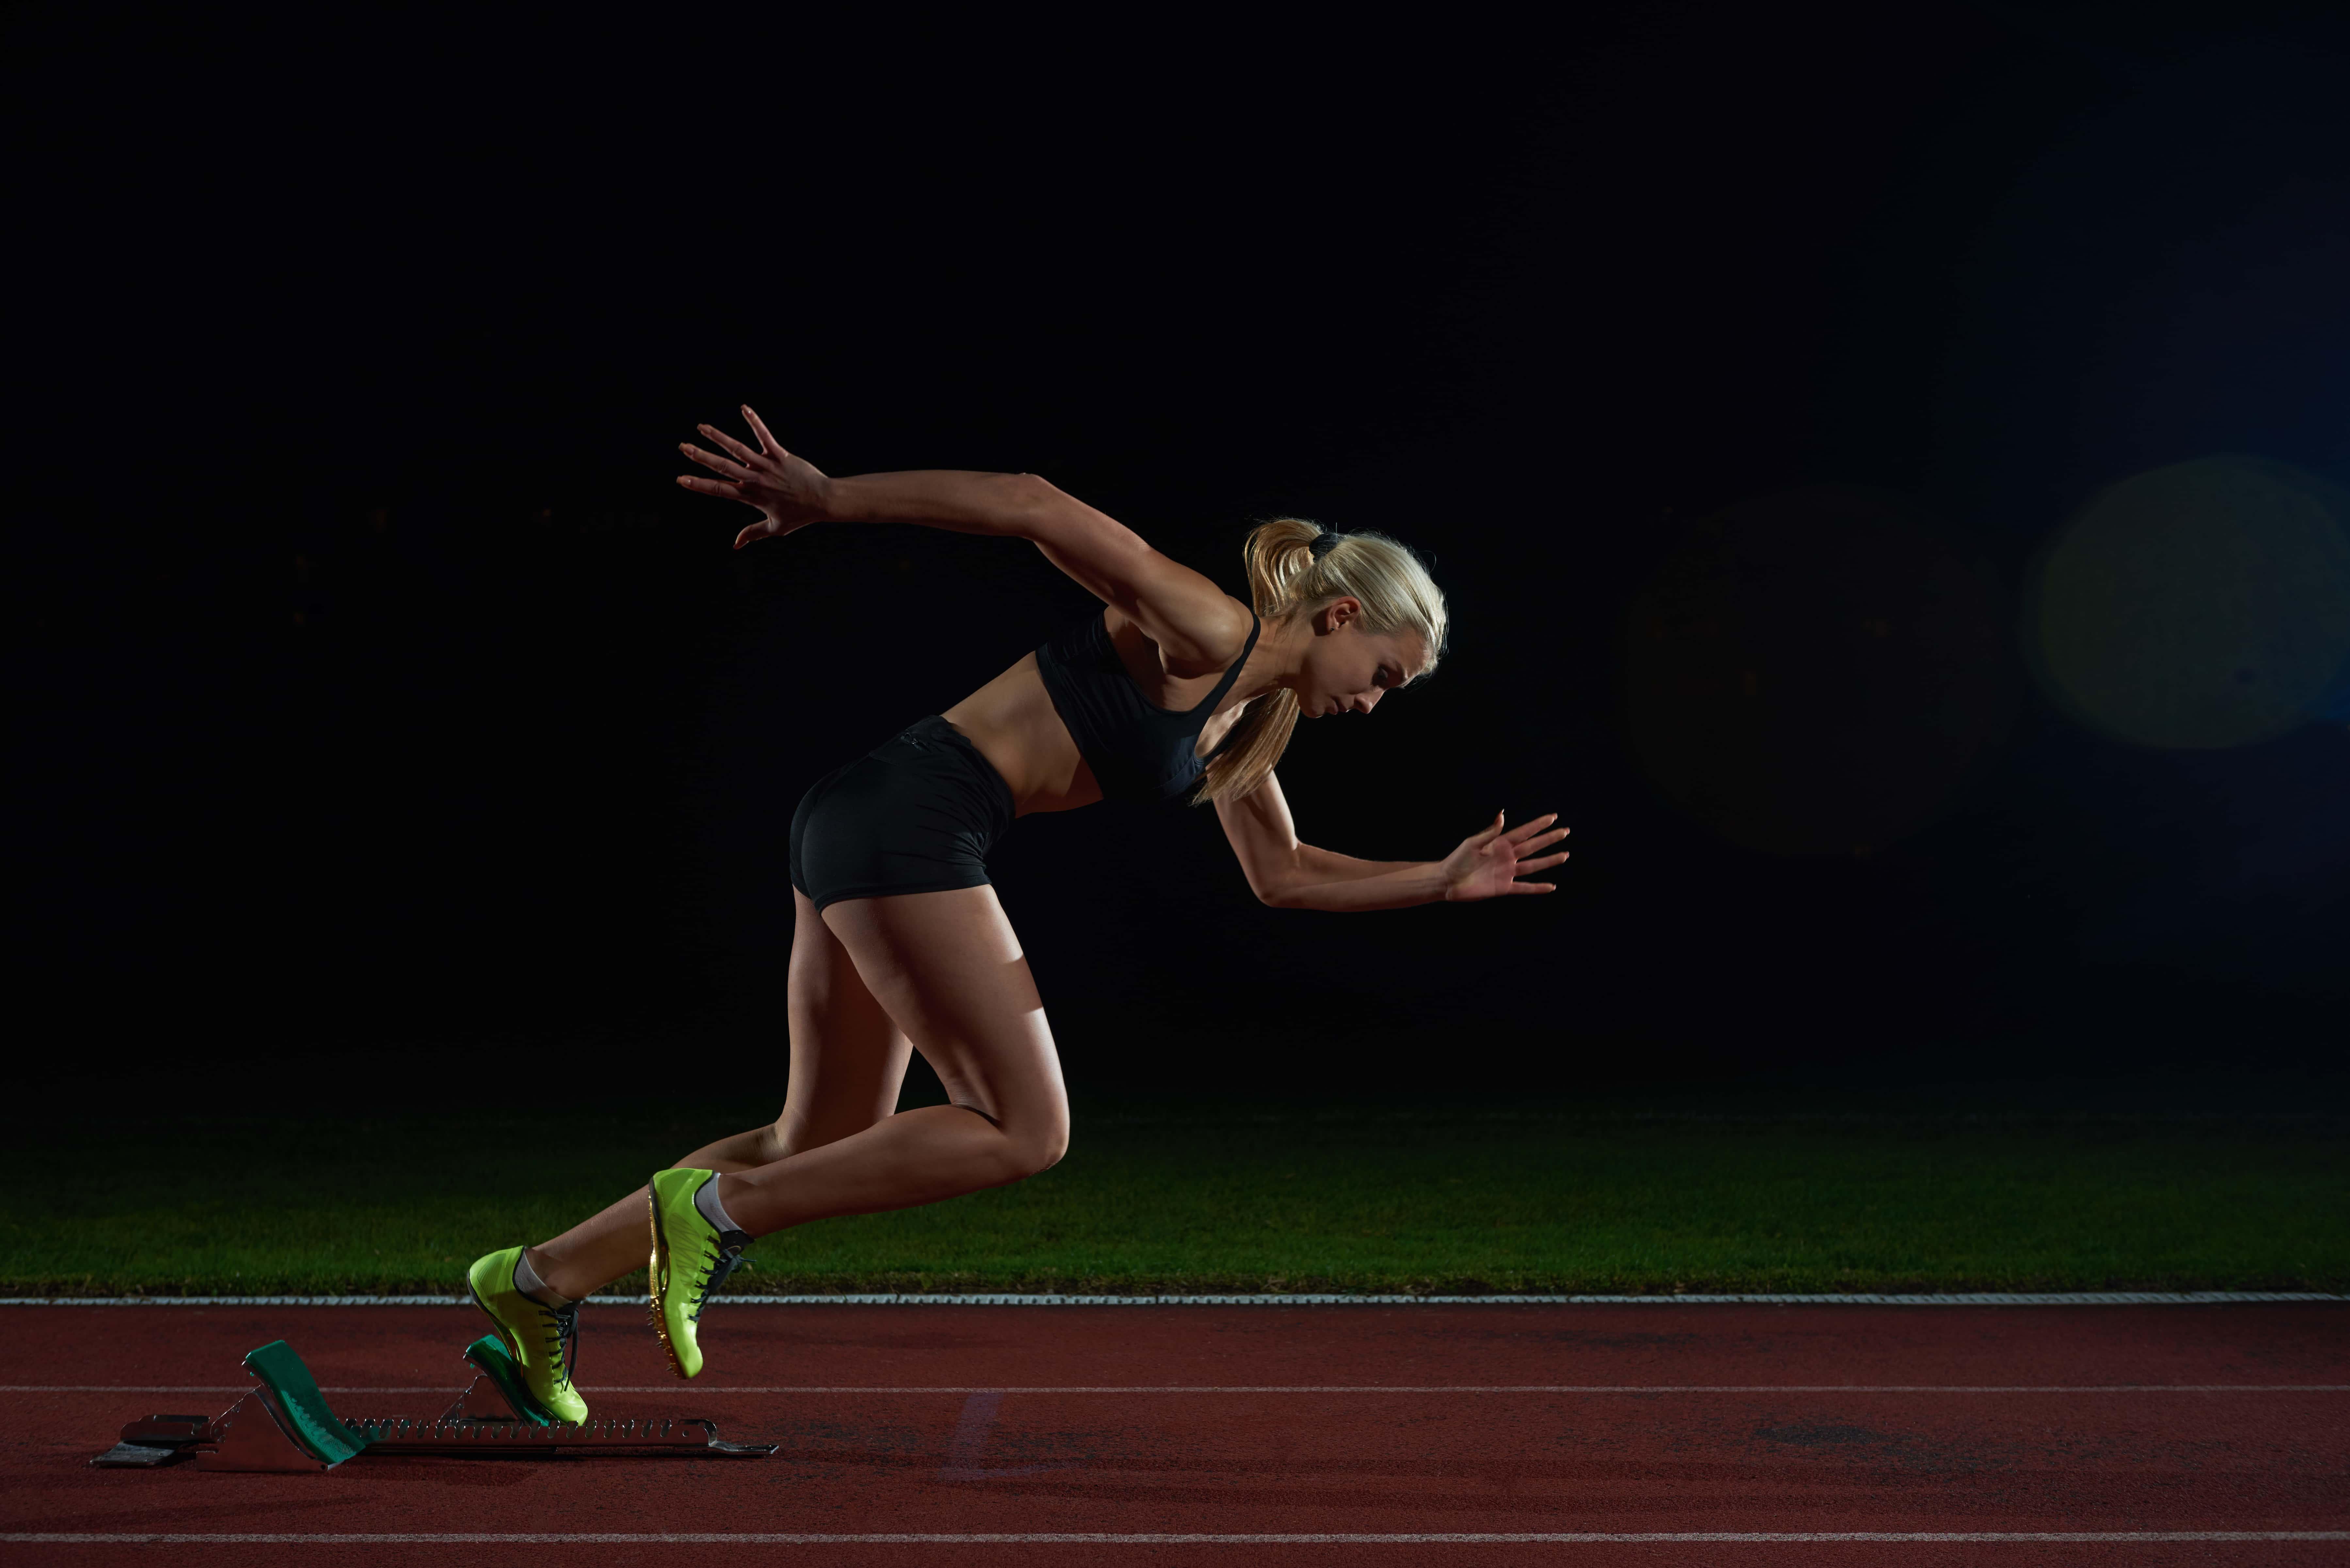 Migliori scarpe da atletica 2020: Guida all'acquisto